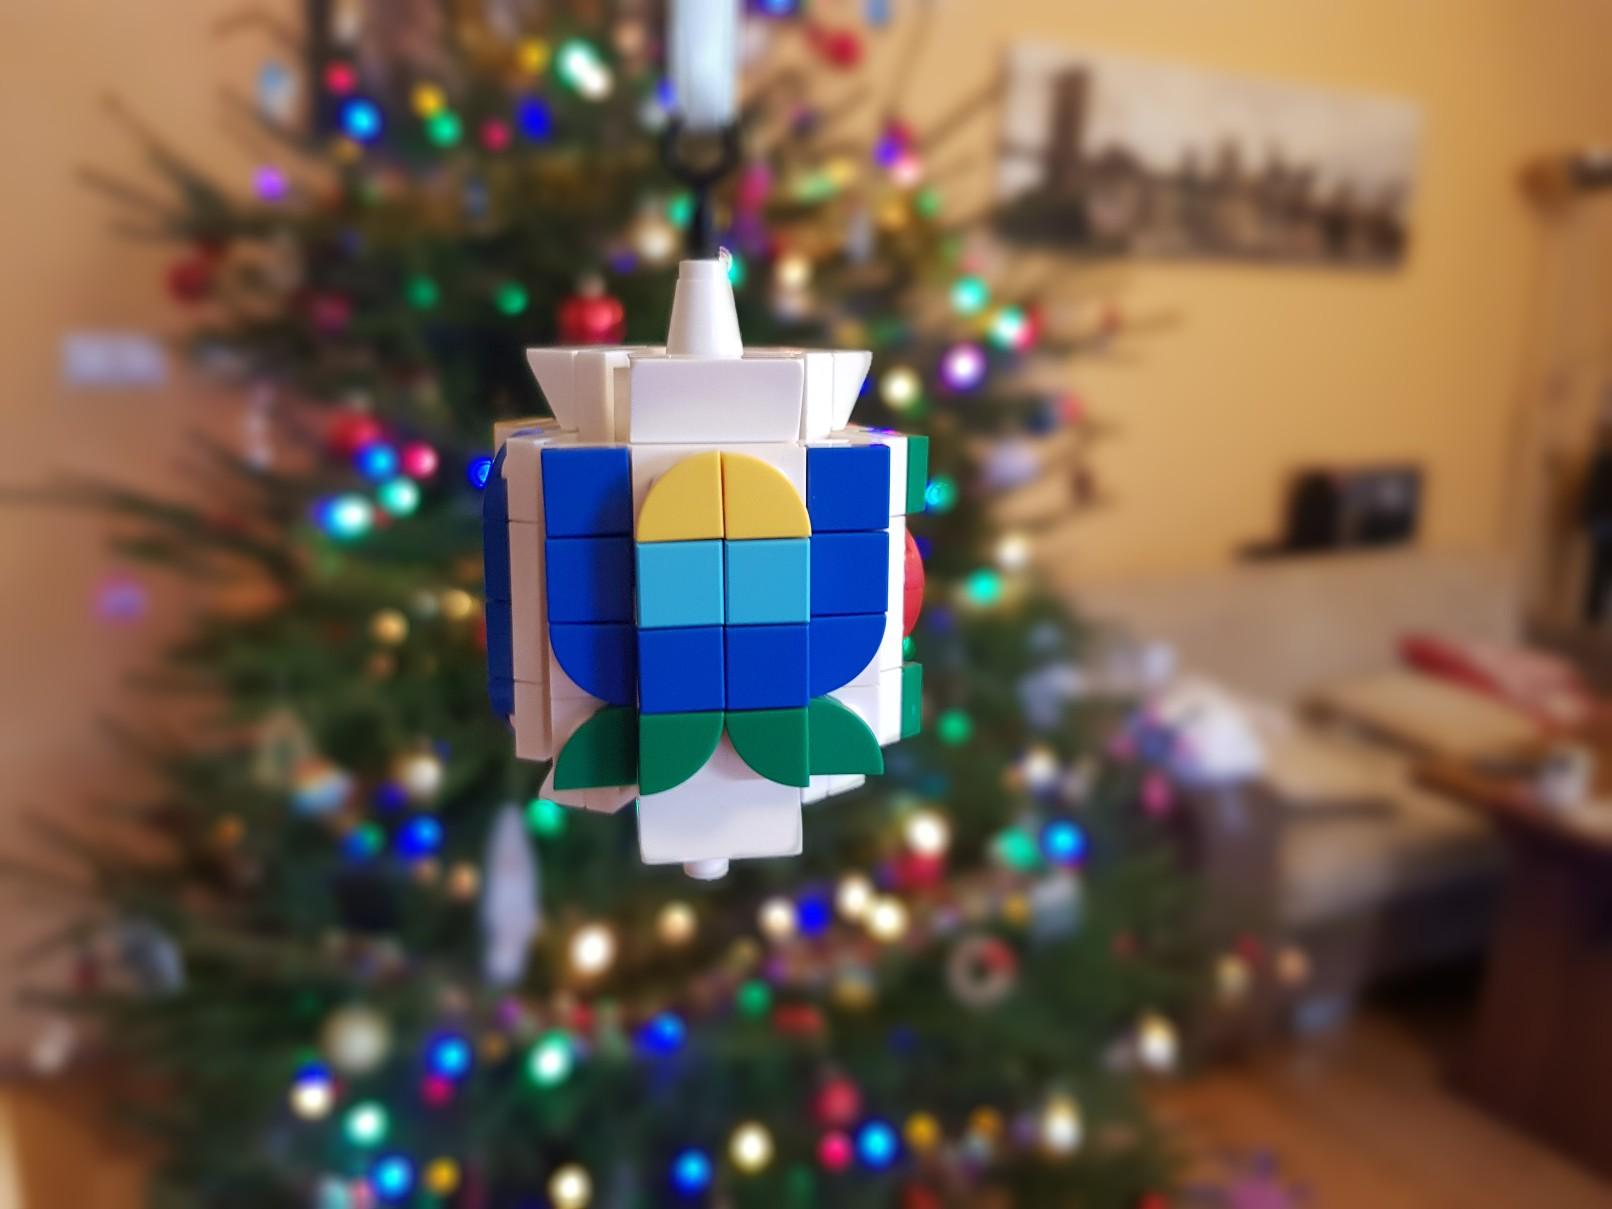 lego moc christmas baubles cashubia 3